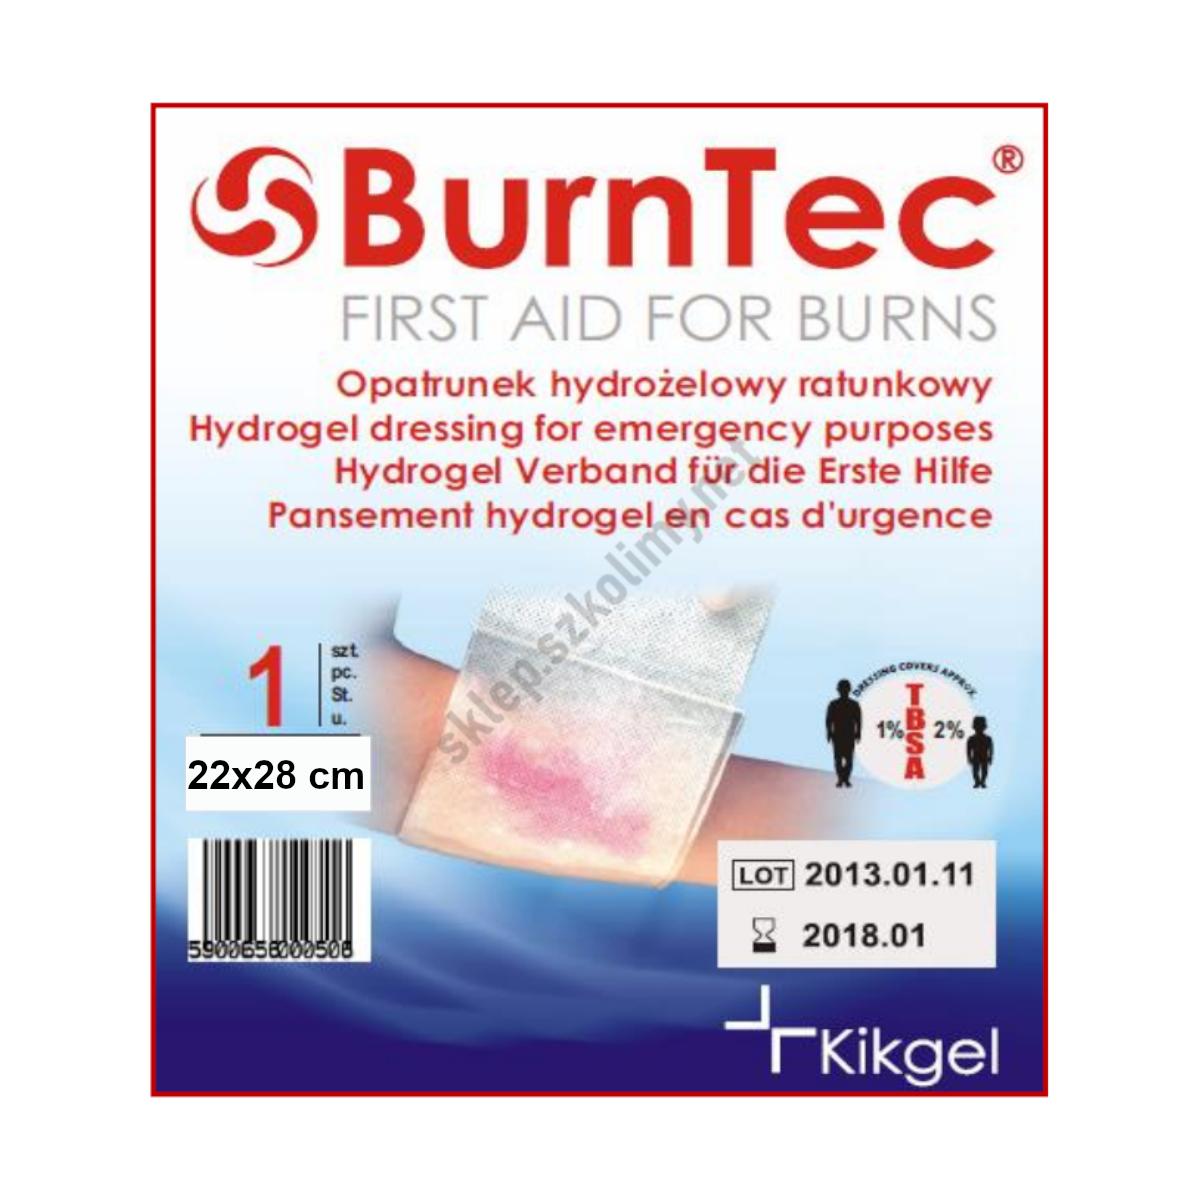 Zestaw opatrunków hydrożelowych BurnTec dla PSP